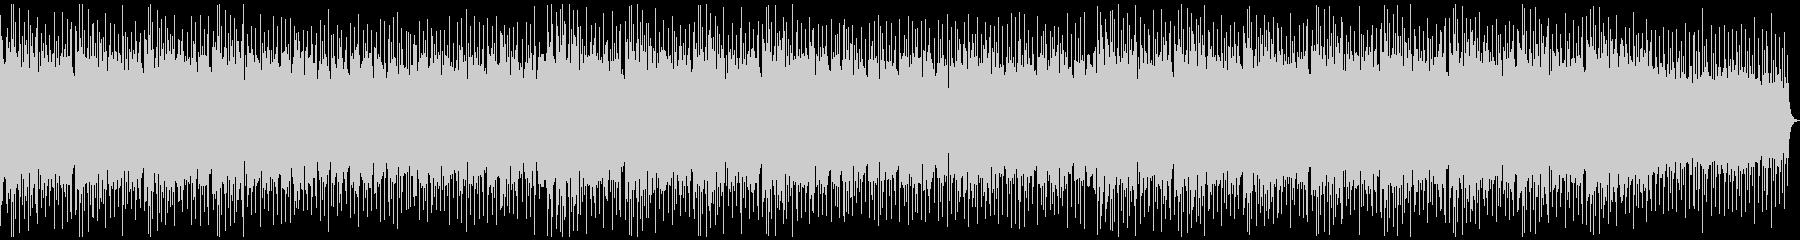 エンディングに 疾走感のあるロックの未再生の波形